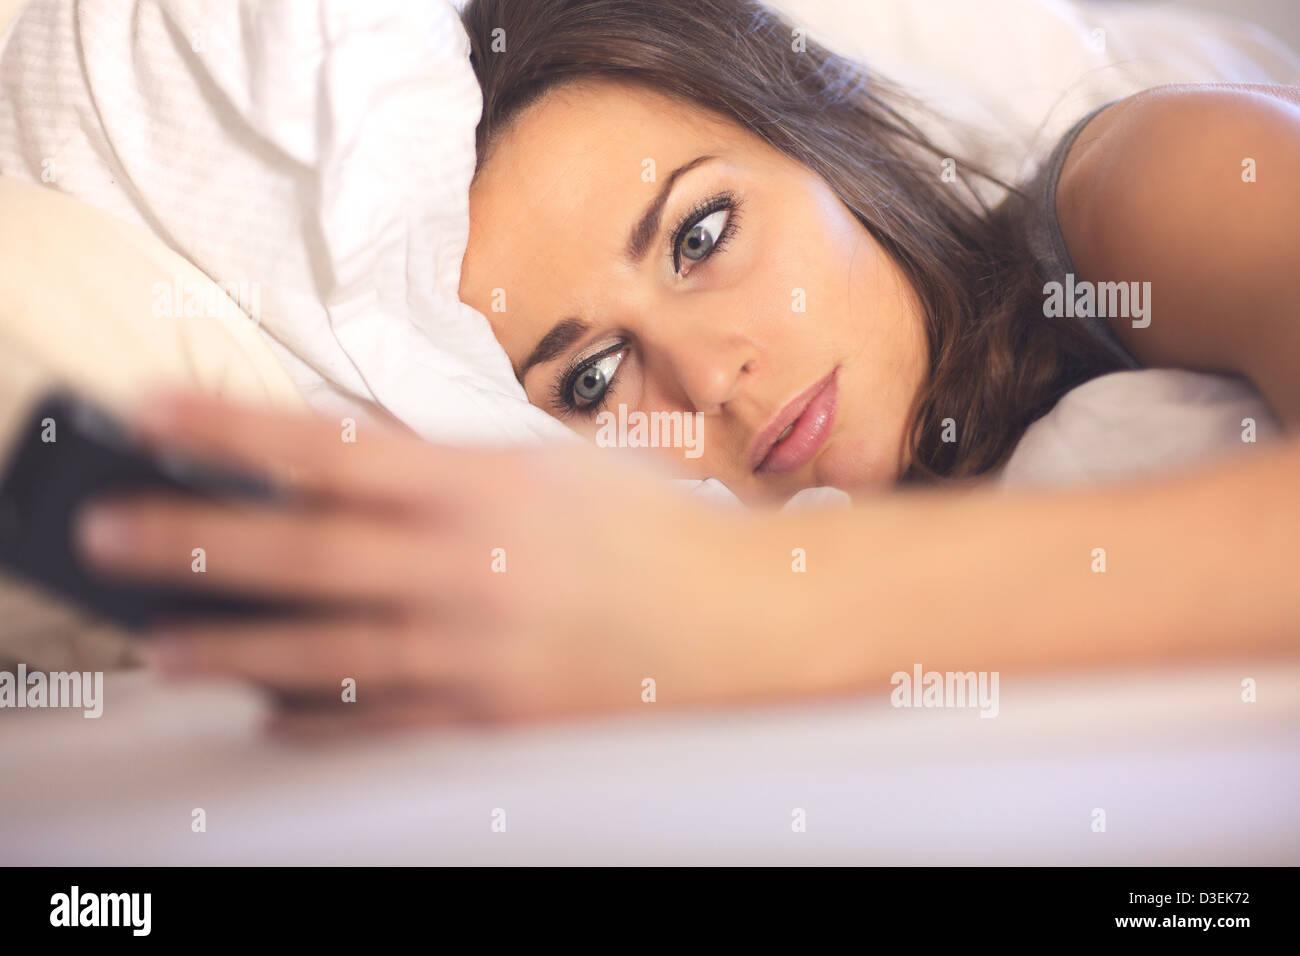 Frau liegt im Bett und Las SMS von ihrem smartphone Stockbild